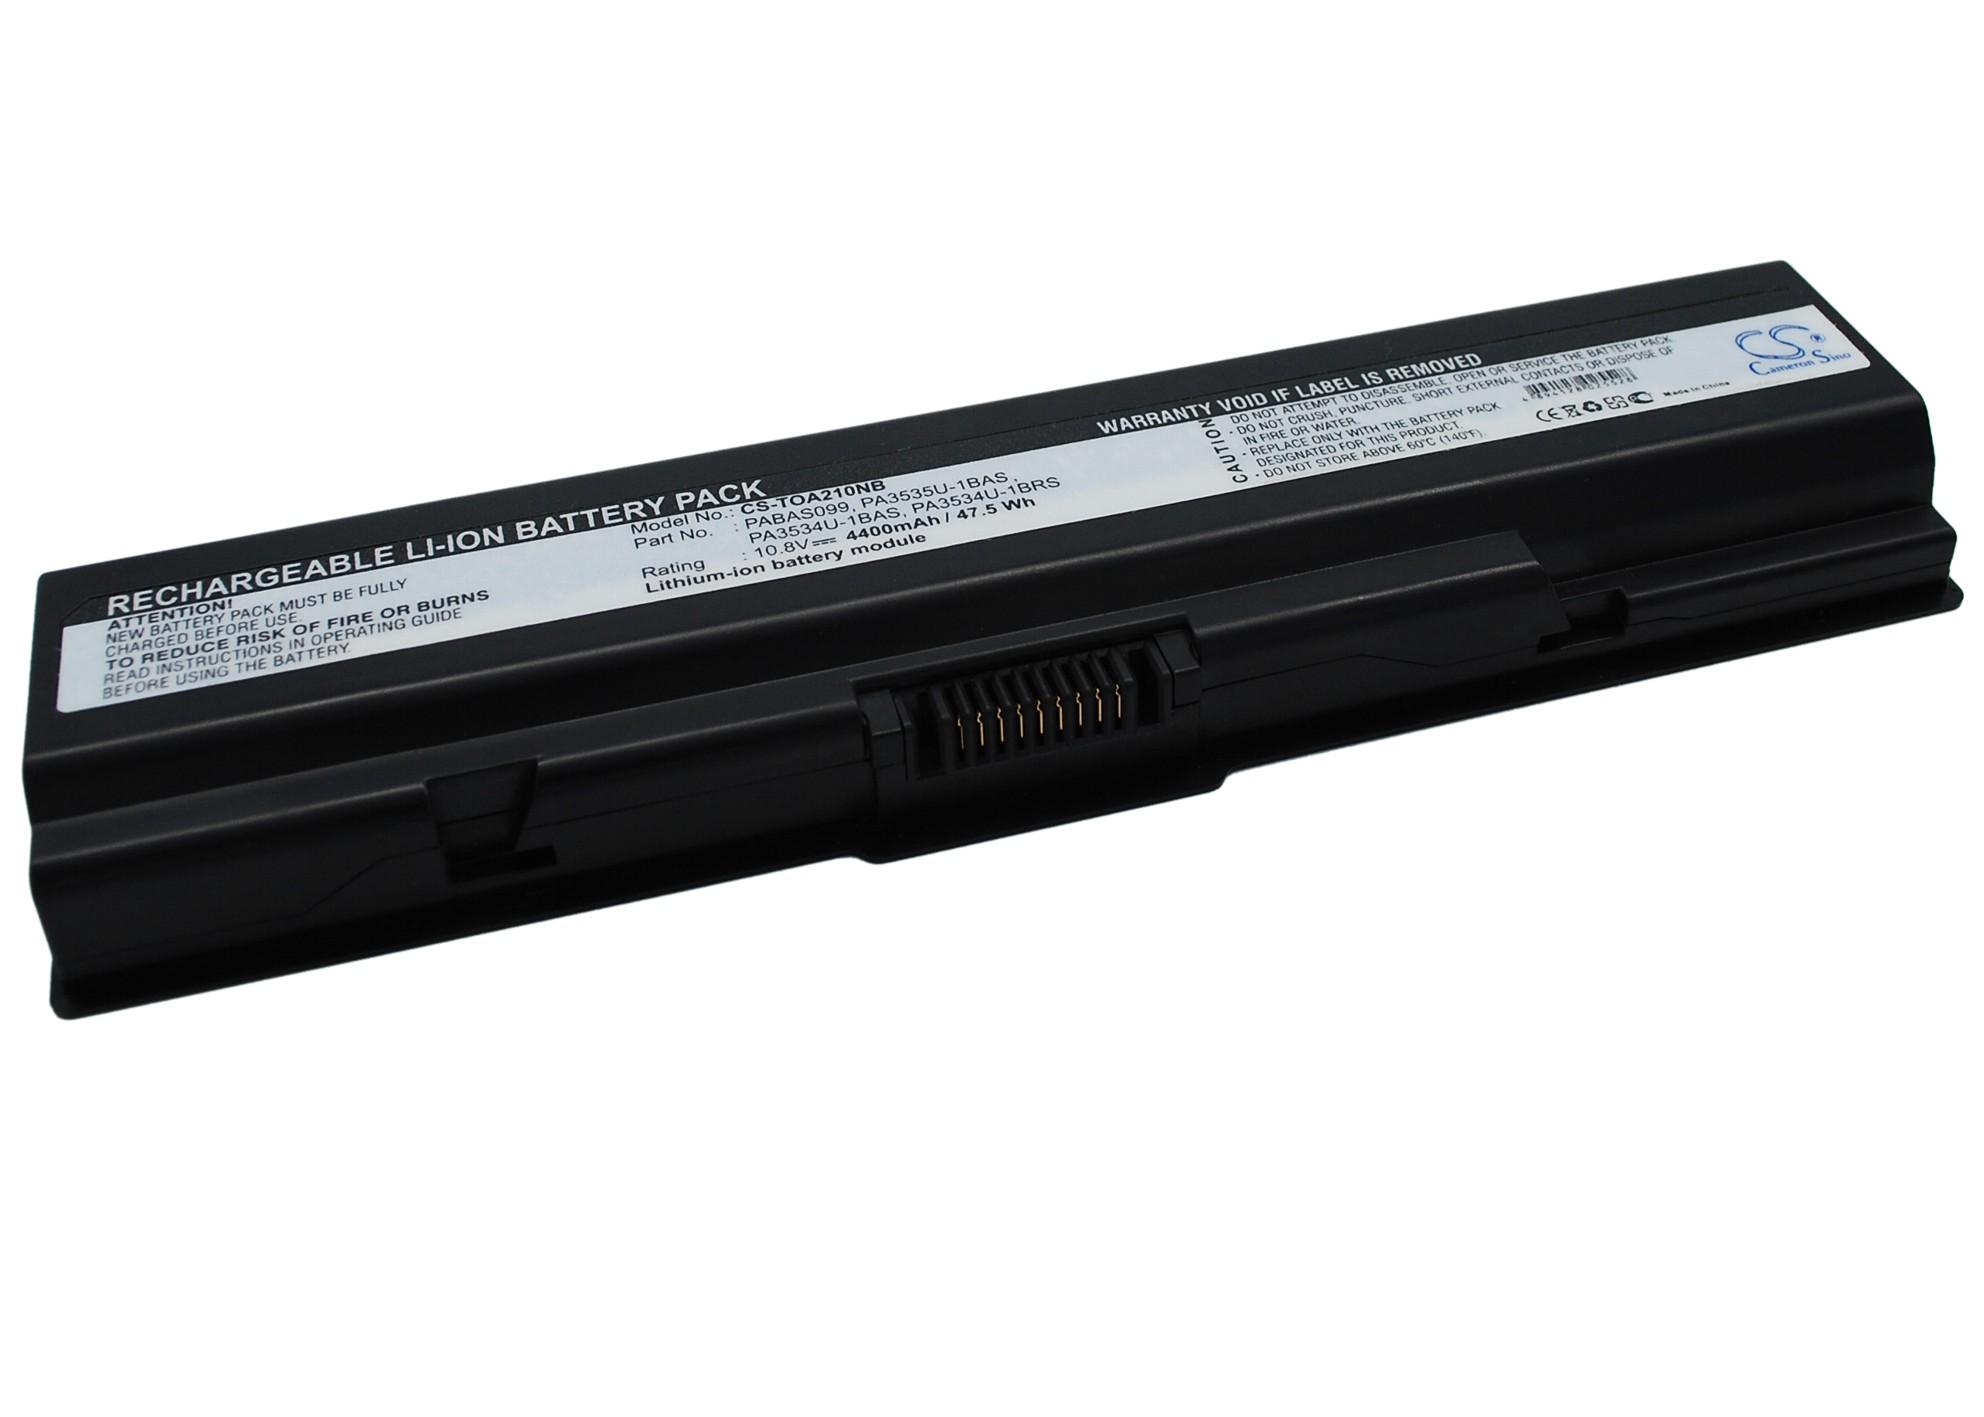 Cameron Sino baterie do notebooků pro TOSHIBA L300 10.8V Li-ion 4400mAh černá - neoriginální